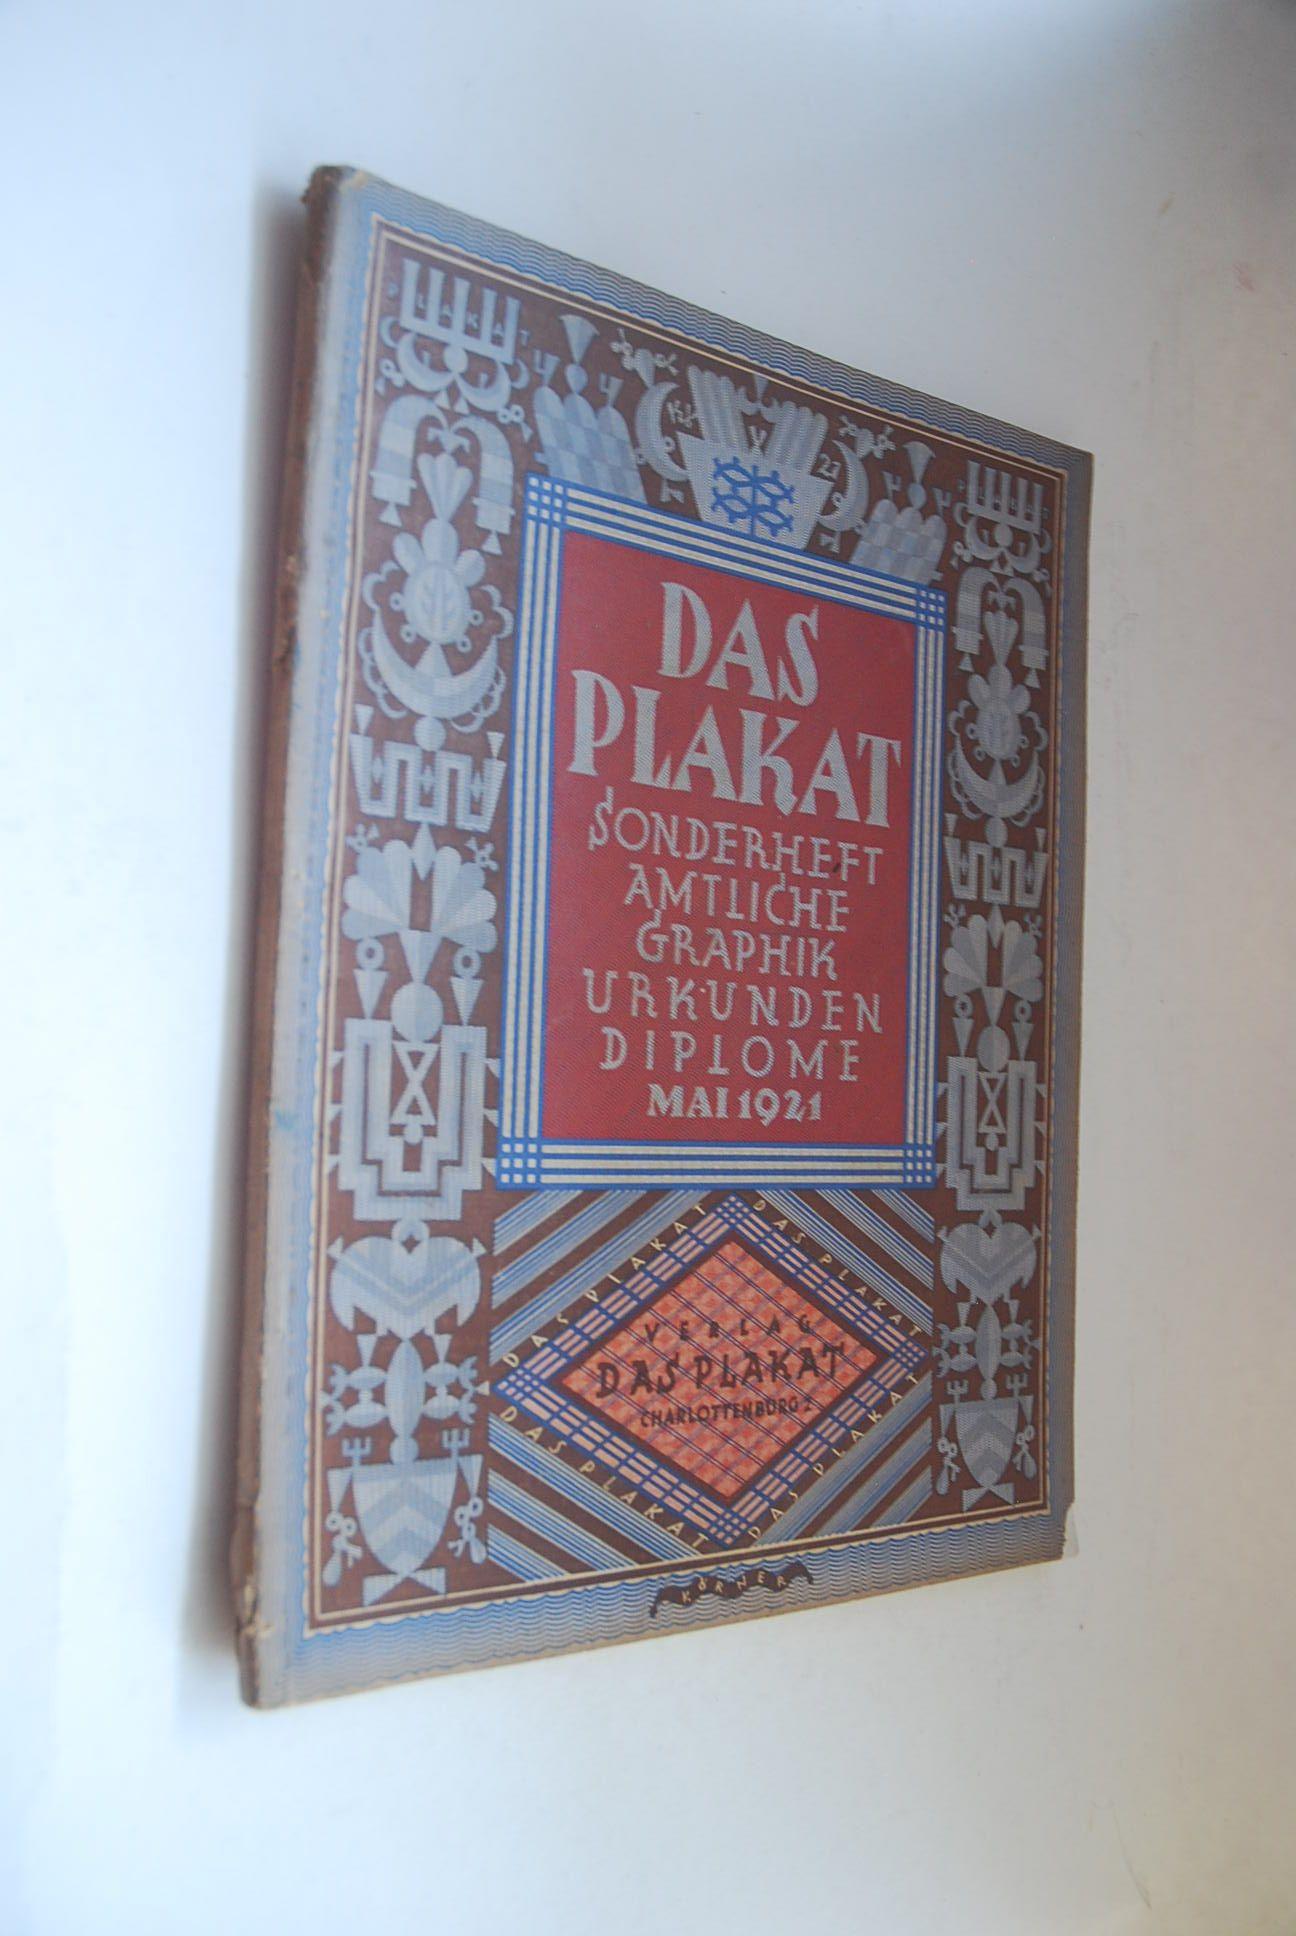 das plakat sonderheft von hans - ZVAB